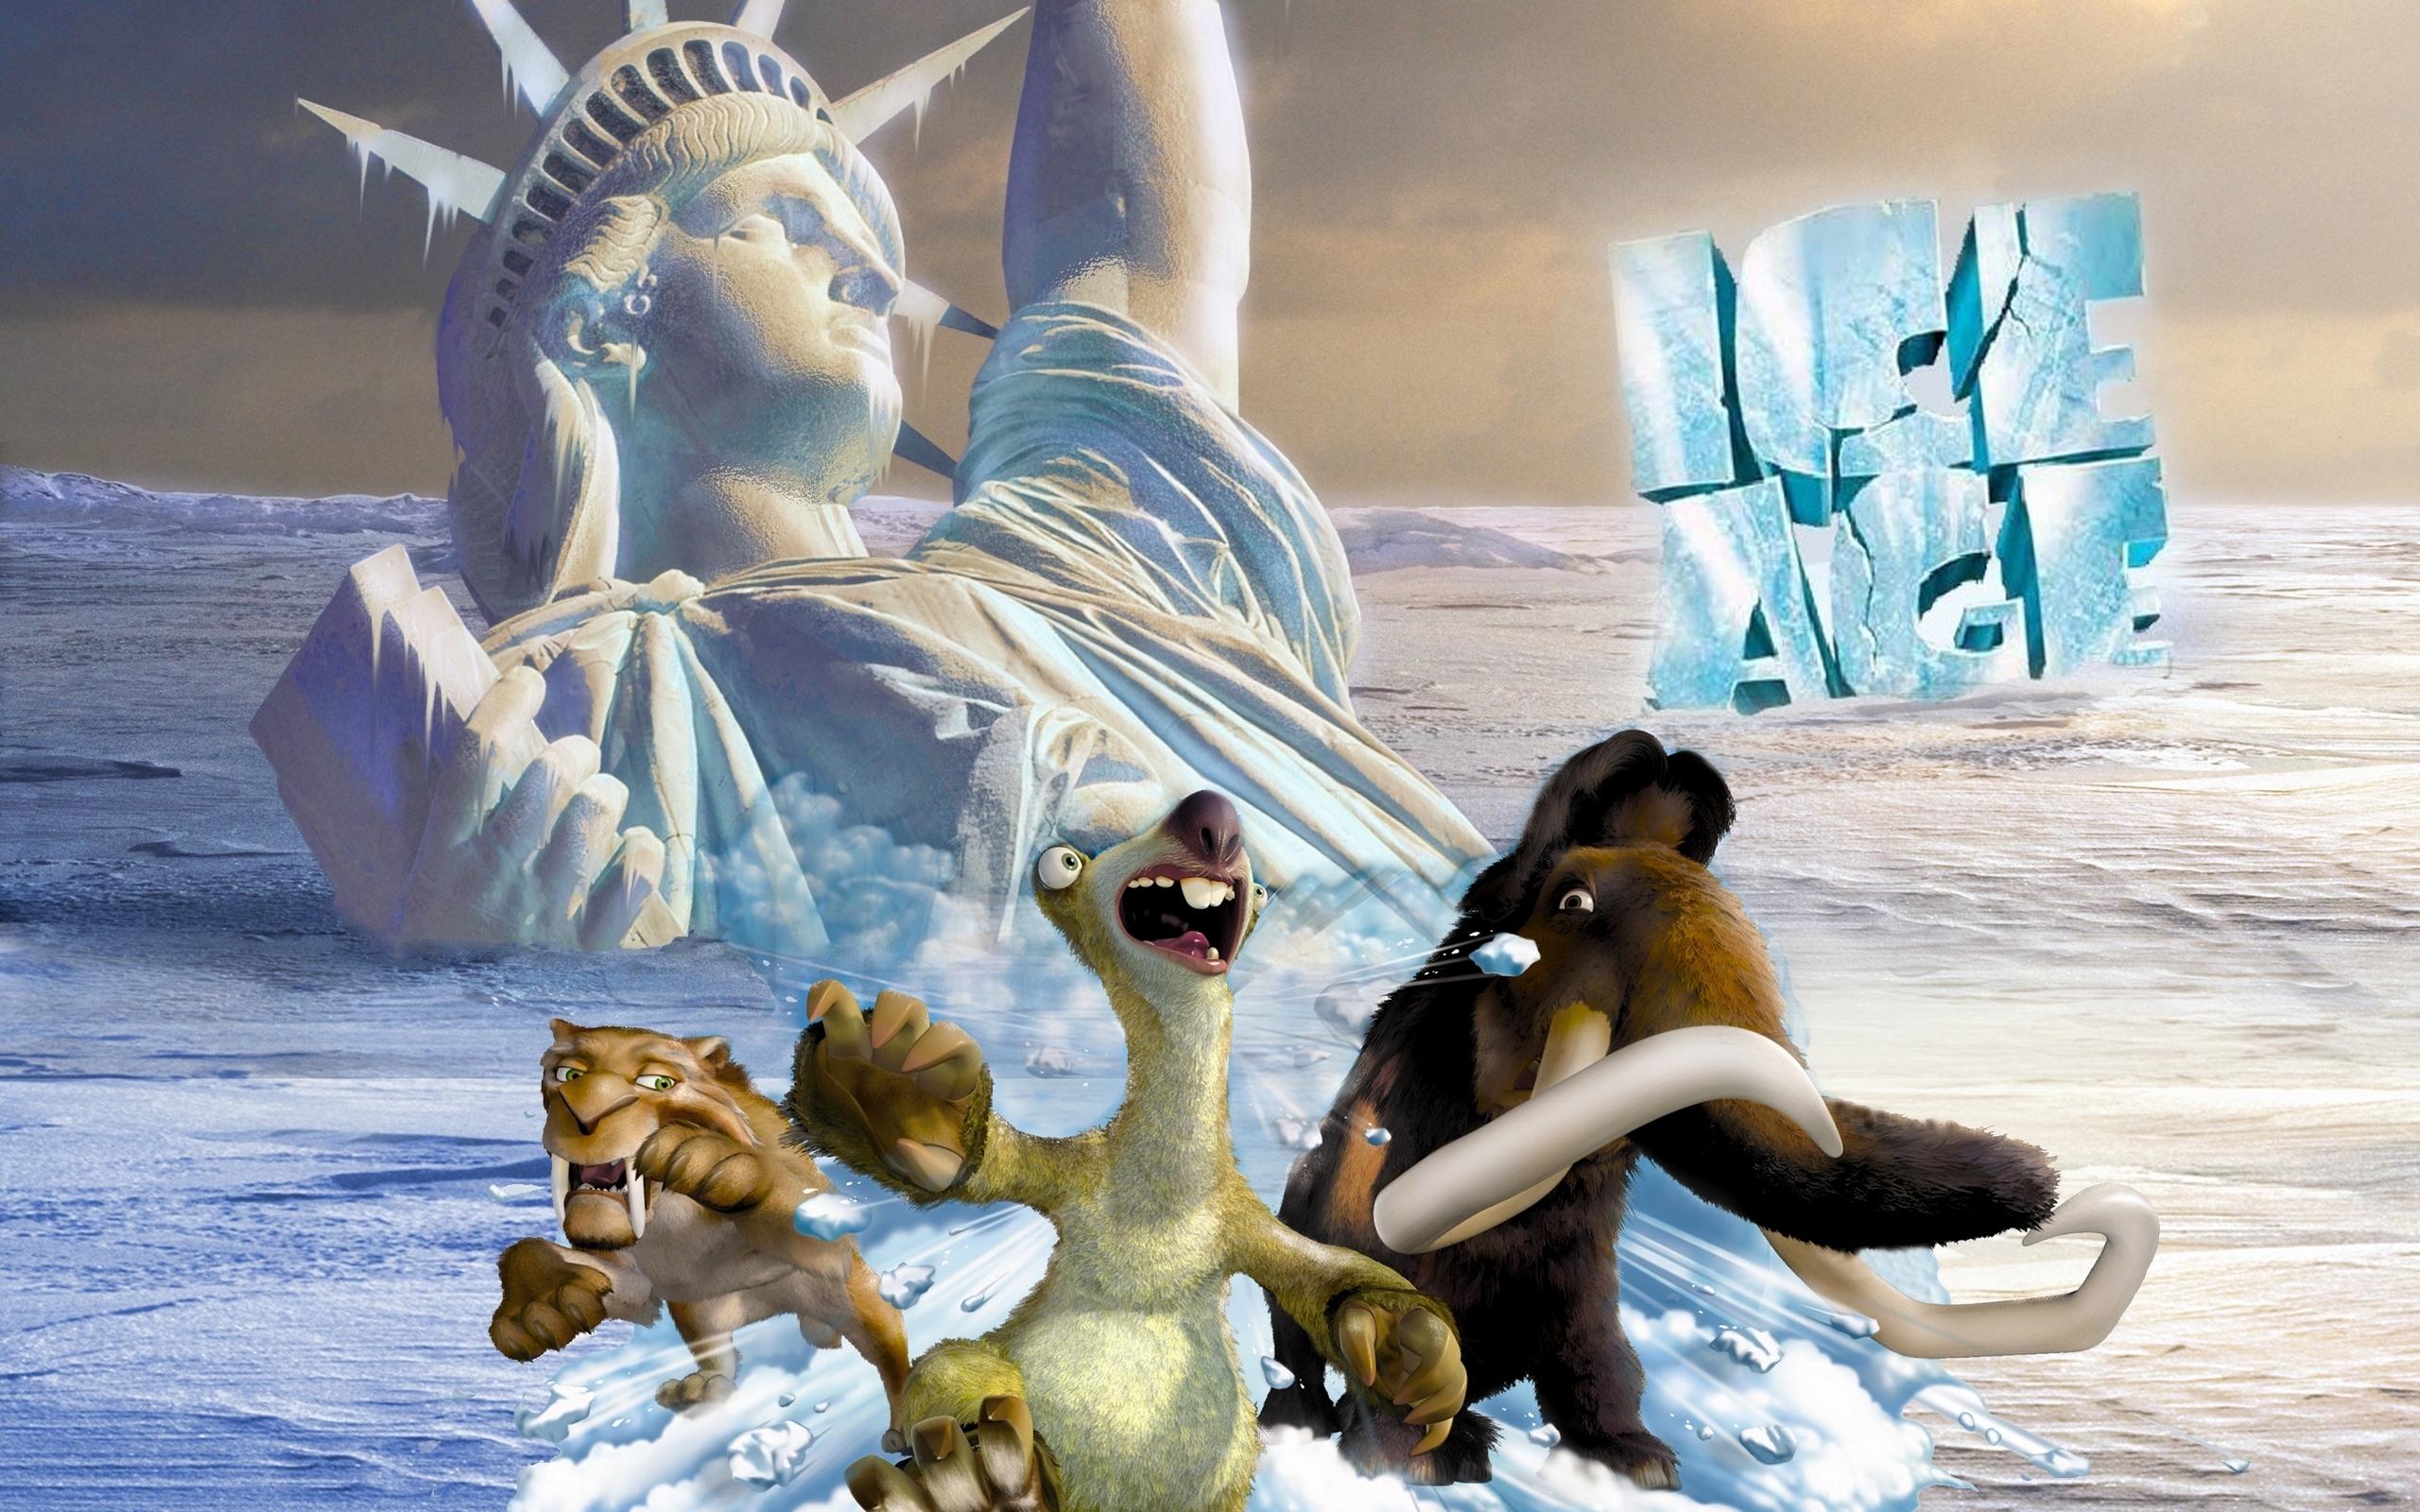 Ледниковый период 3 Эра динозавров через торрент